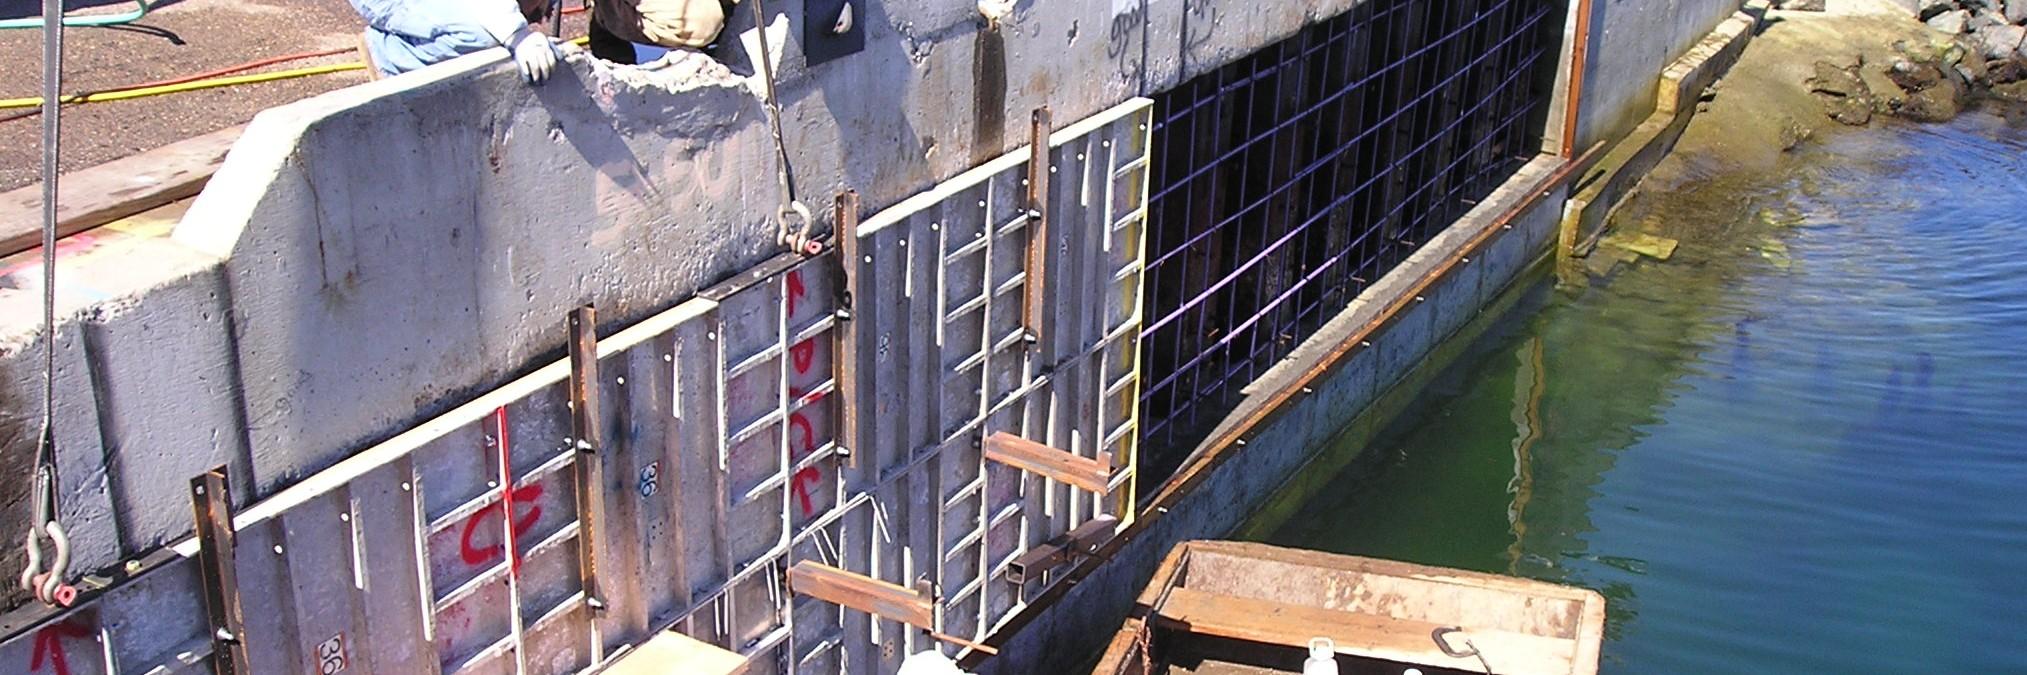 Quaywall Repairs at Pier 5002